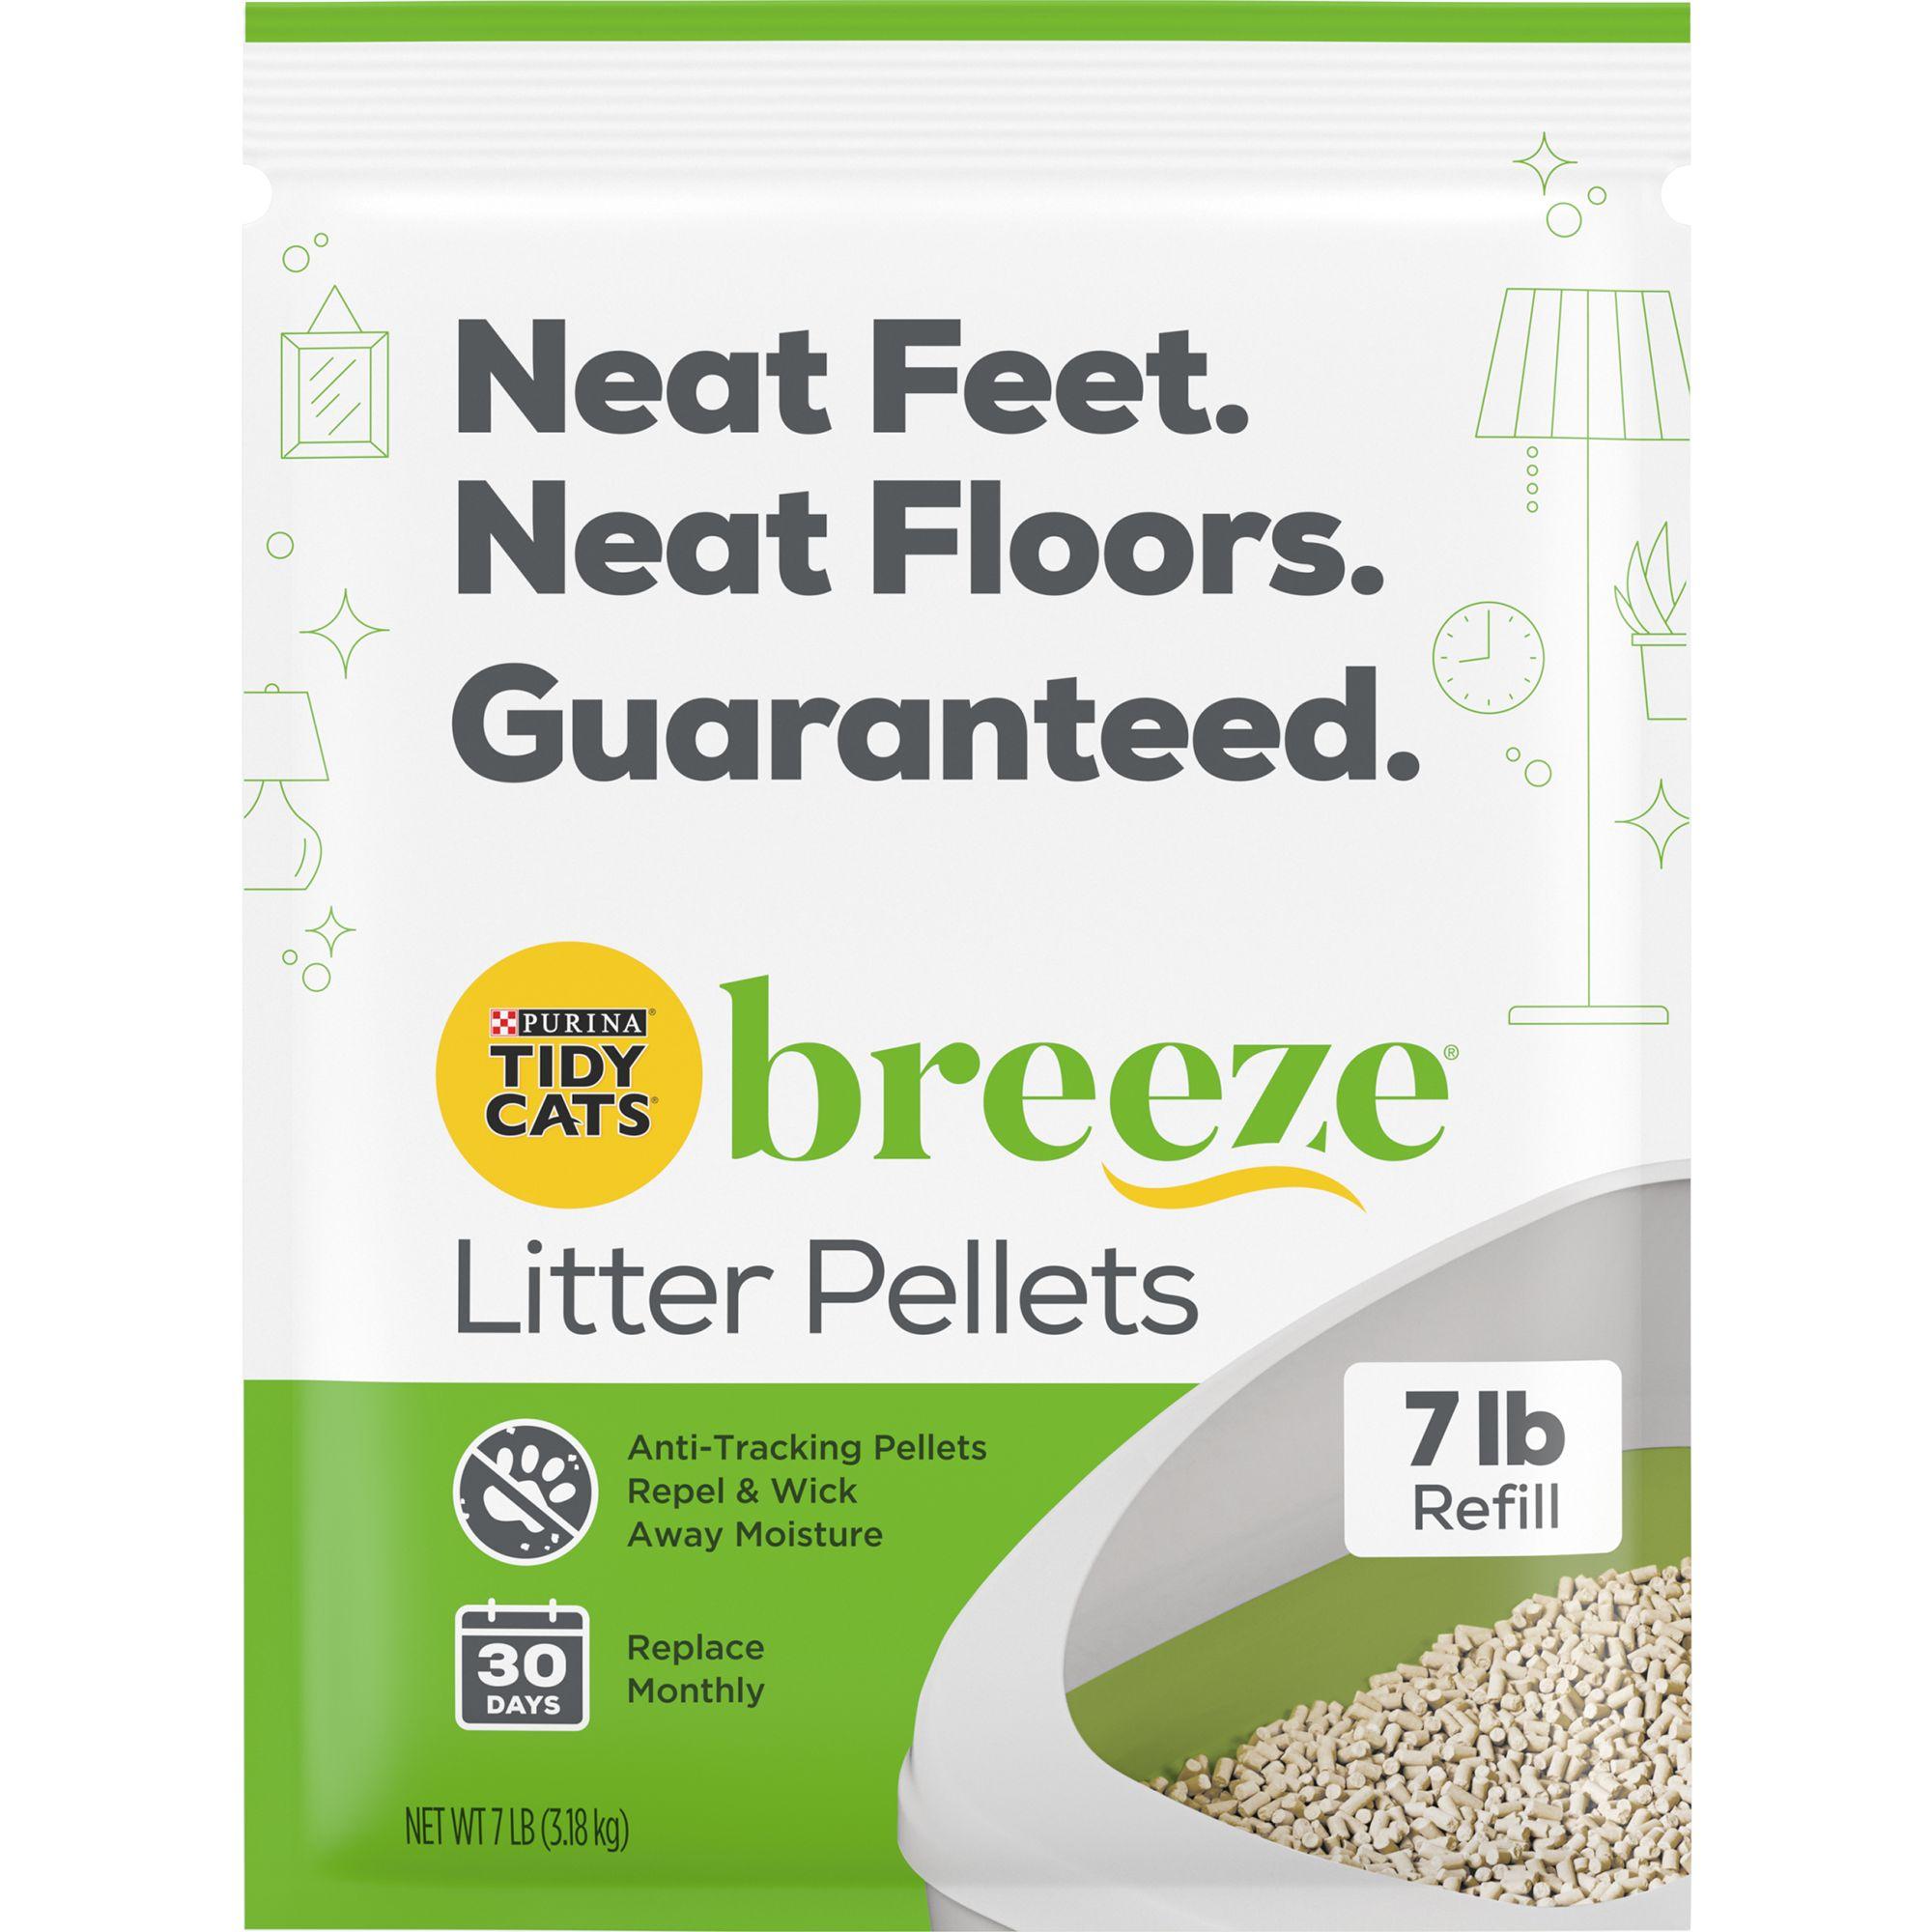 Purina Tidy Cats Breeze Cat Litter Pellets Refill Size 7 Lb